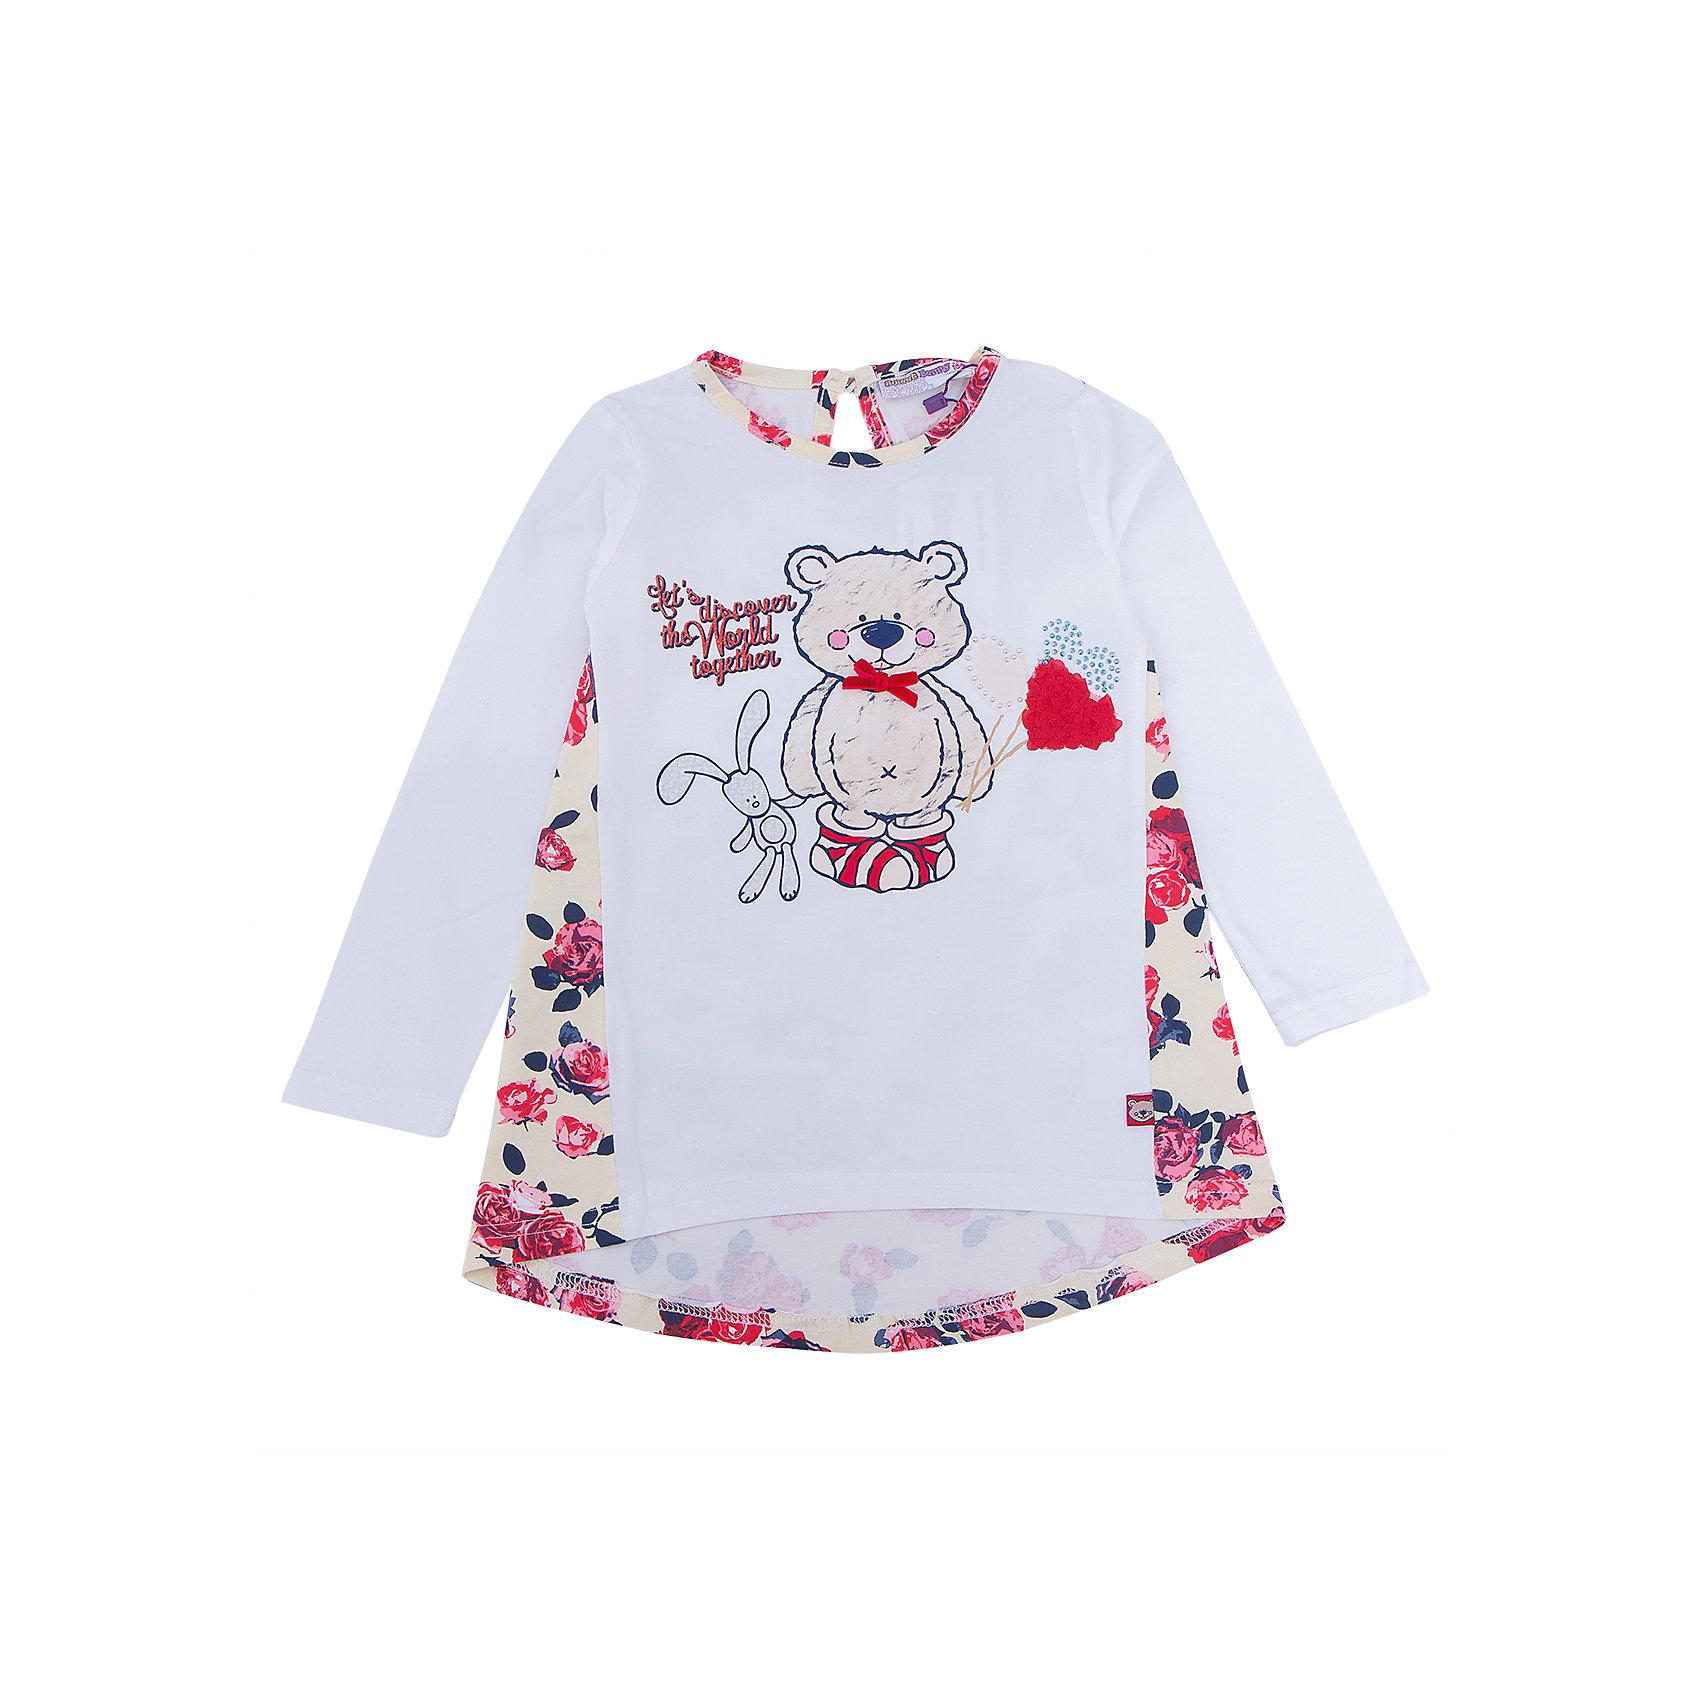 Футболка с длинным рукавом для девочки Sweet BerryФутболка с длинным рукавом – модная вещь, которая способна одновременно создать стильный образ и защитить от осенних холодов маленького ребенка. Удлиненная спинка, приятная к телу ткань и модный принт образуют уникальную футболку для девочки. Универсальный крой поможет создать множество образов. Материалы, использованные при изготовлении одежды, полностью безопасны для детей и отвечают всем требованиям по качеству продукции данной категории.<br><br>Дополнительная информация: <br><br>удлиненная спинка;<br>модный принт;<br>прямой силуэт;<br>цвет: бежевый;<br>материал: хлопок 95%, эластан 5%.<br><br>Футболку с длинным рукавом для девочки от компании Sweet Berry можно приобрести в нашем магазине.<br><br>Ширина мм: 230<br>Глубина мм: 40<br>Высота мм: 220<br>Вес г: 250<br>Цвет: бежевый<br>Возраст от месяцев: 36<br>Возраст до месяцев: 48<br>Пол: Женский<br>Возраст: Детский<br>Размер: 104,98,128,122,116,110<br>SKU: 4932124